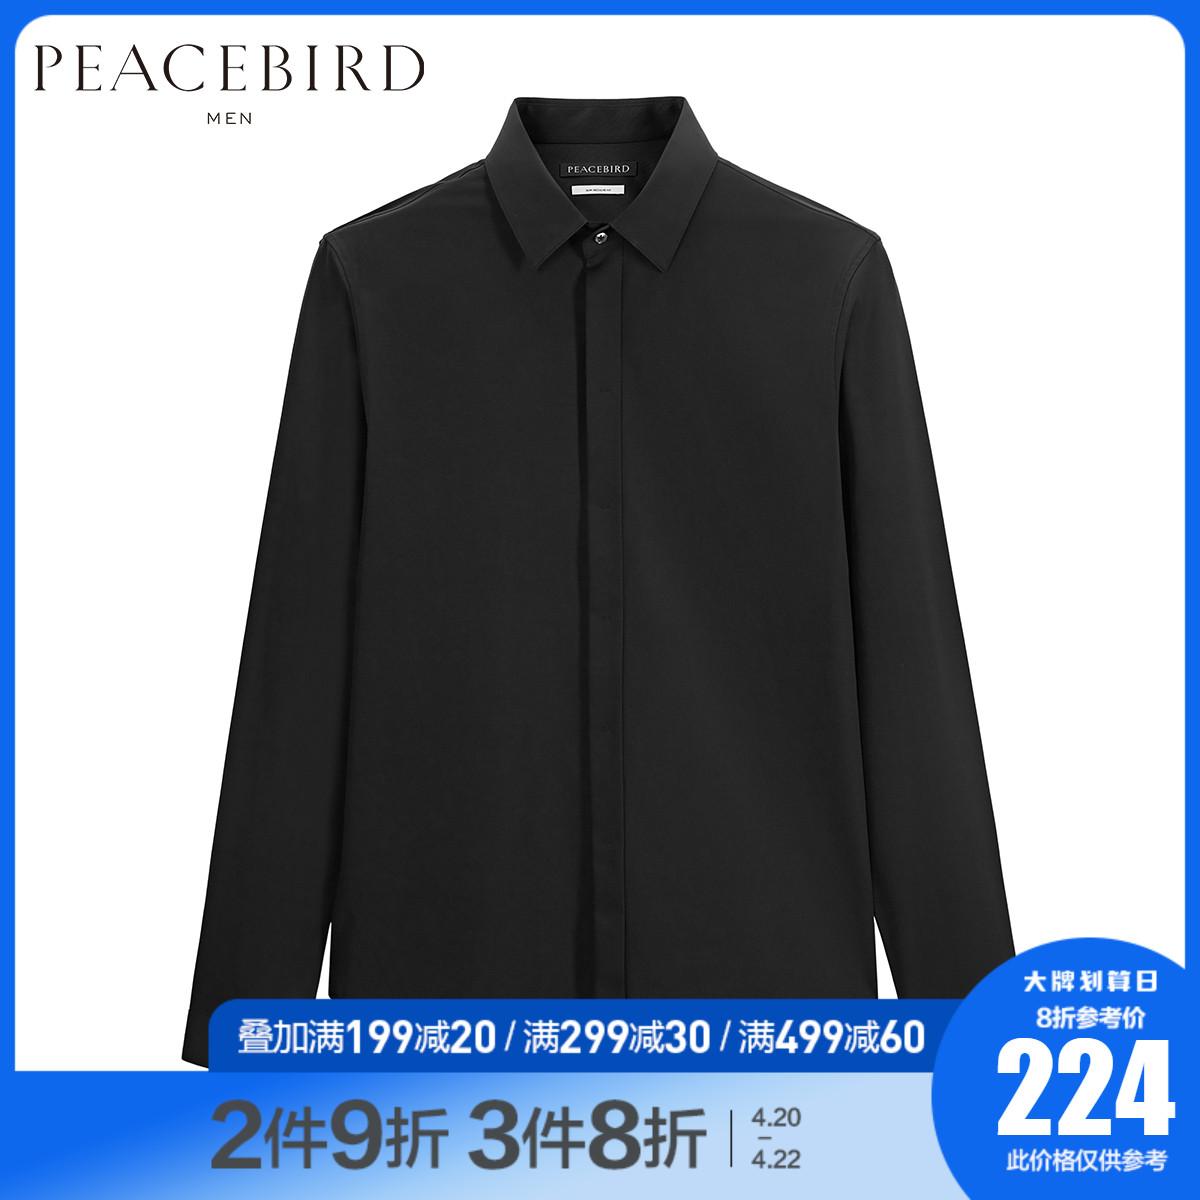 太平鸟男装 春新款黑色商务休闲衬衣多边形纽扣潮流长袖男士衬衫